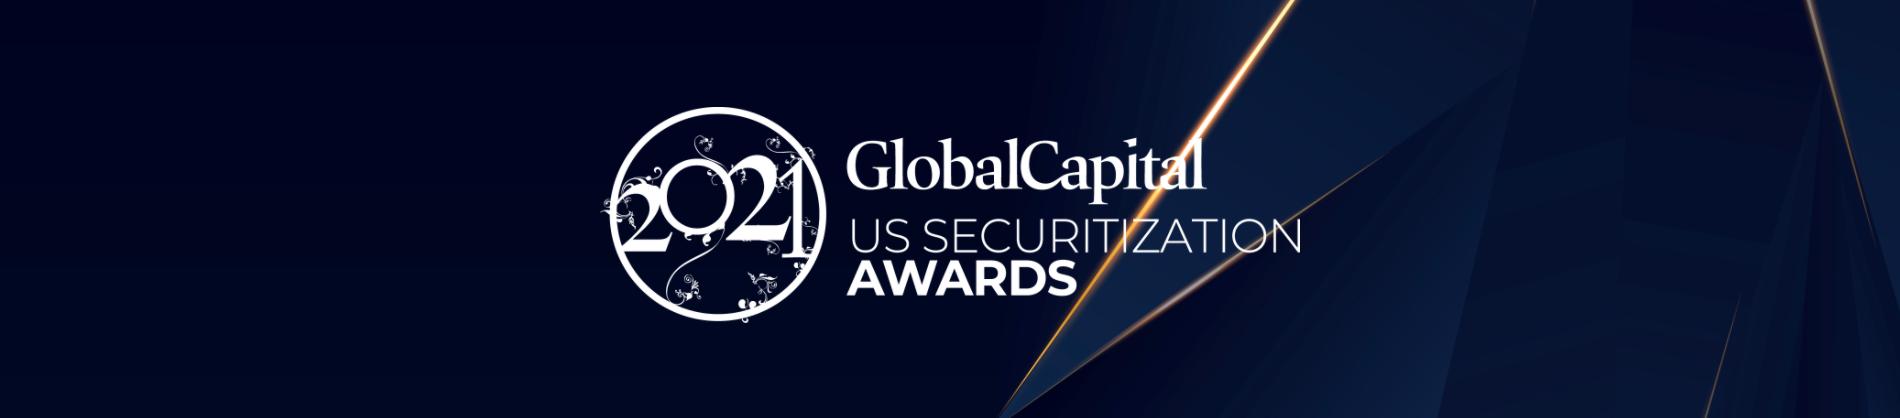 US Securitization Awards 2021